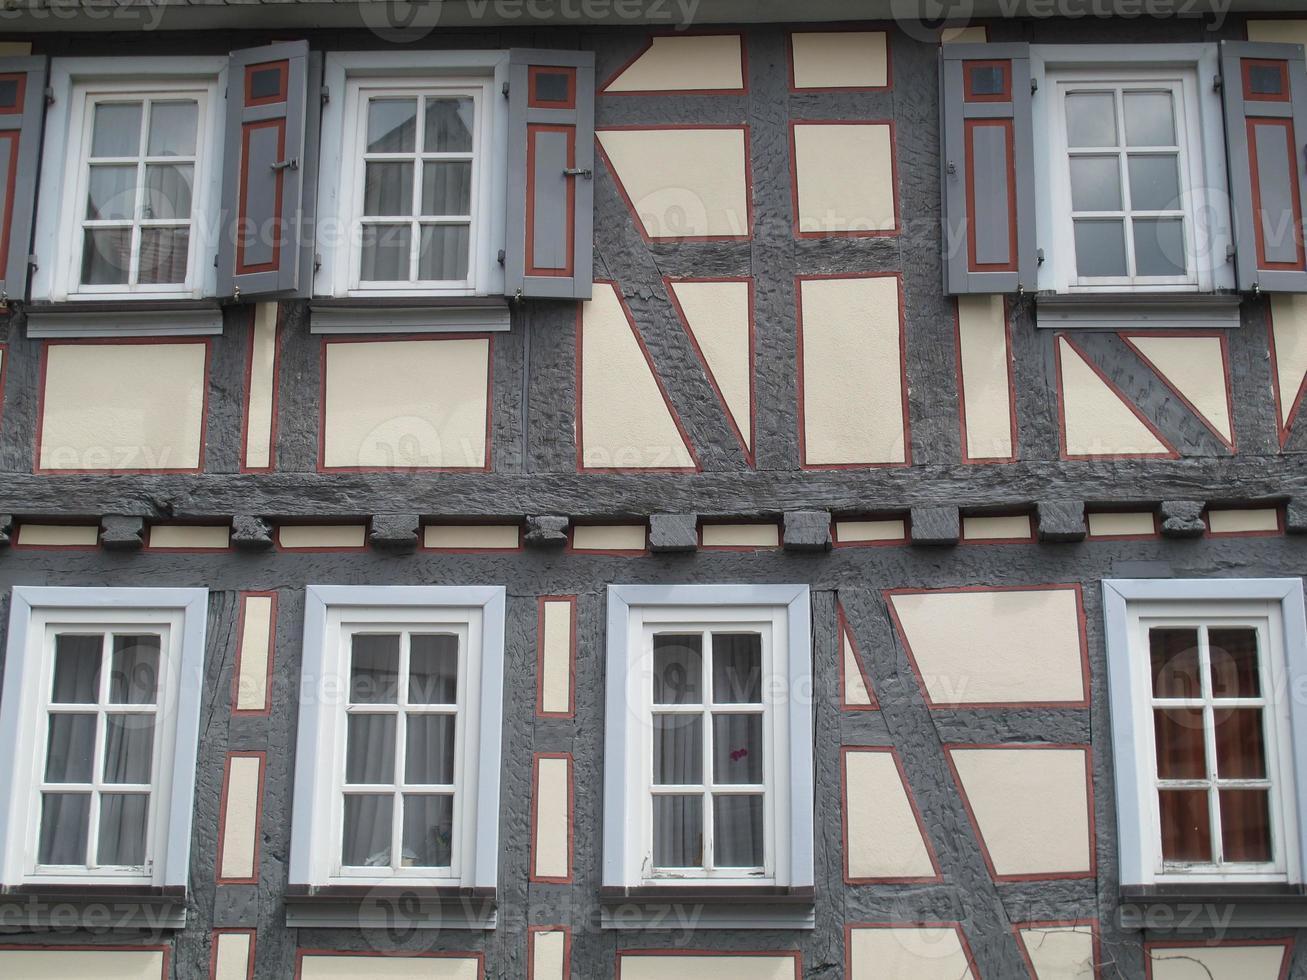 vecchia casa a graticcio in Germania foto